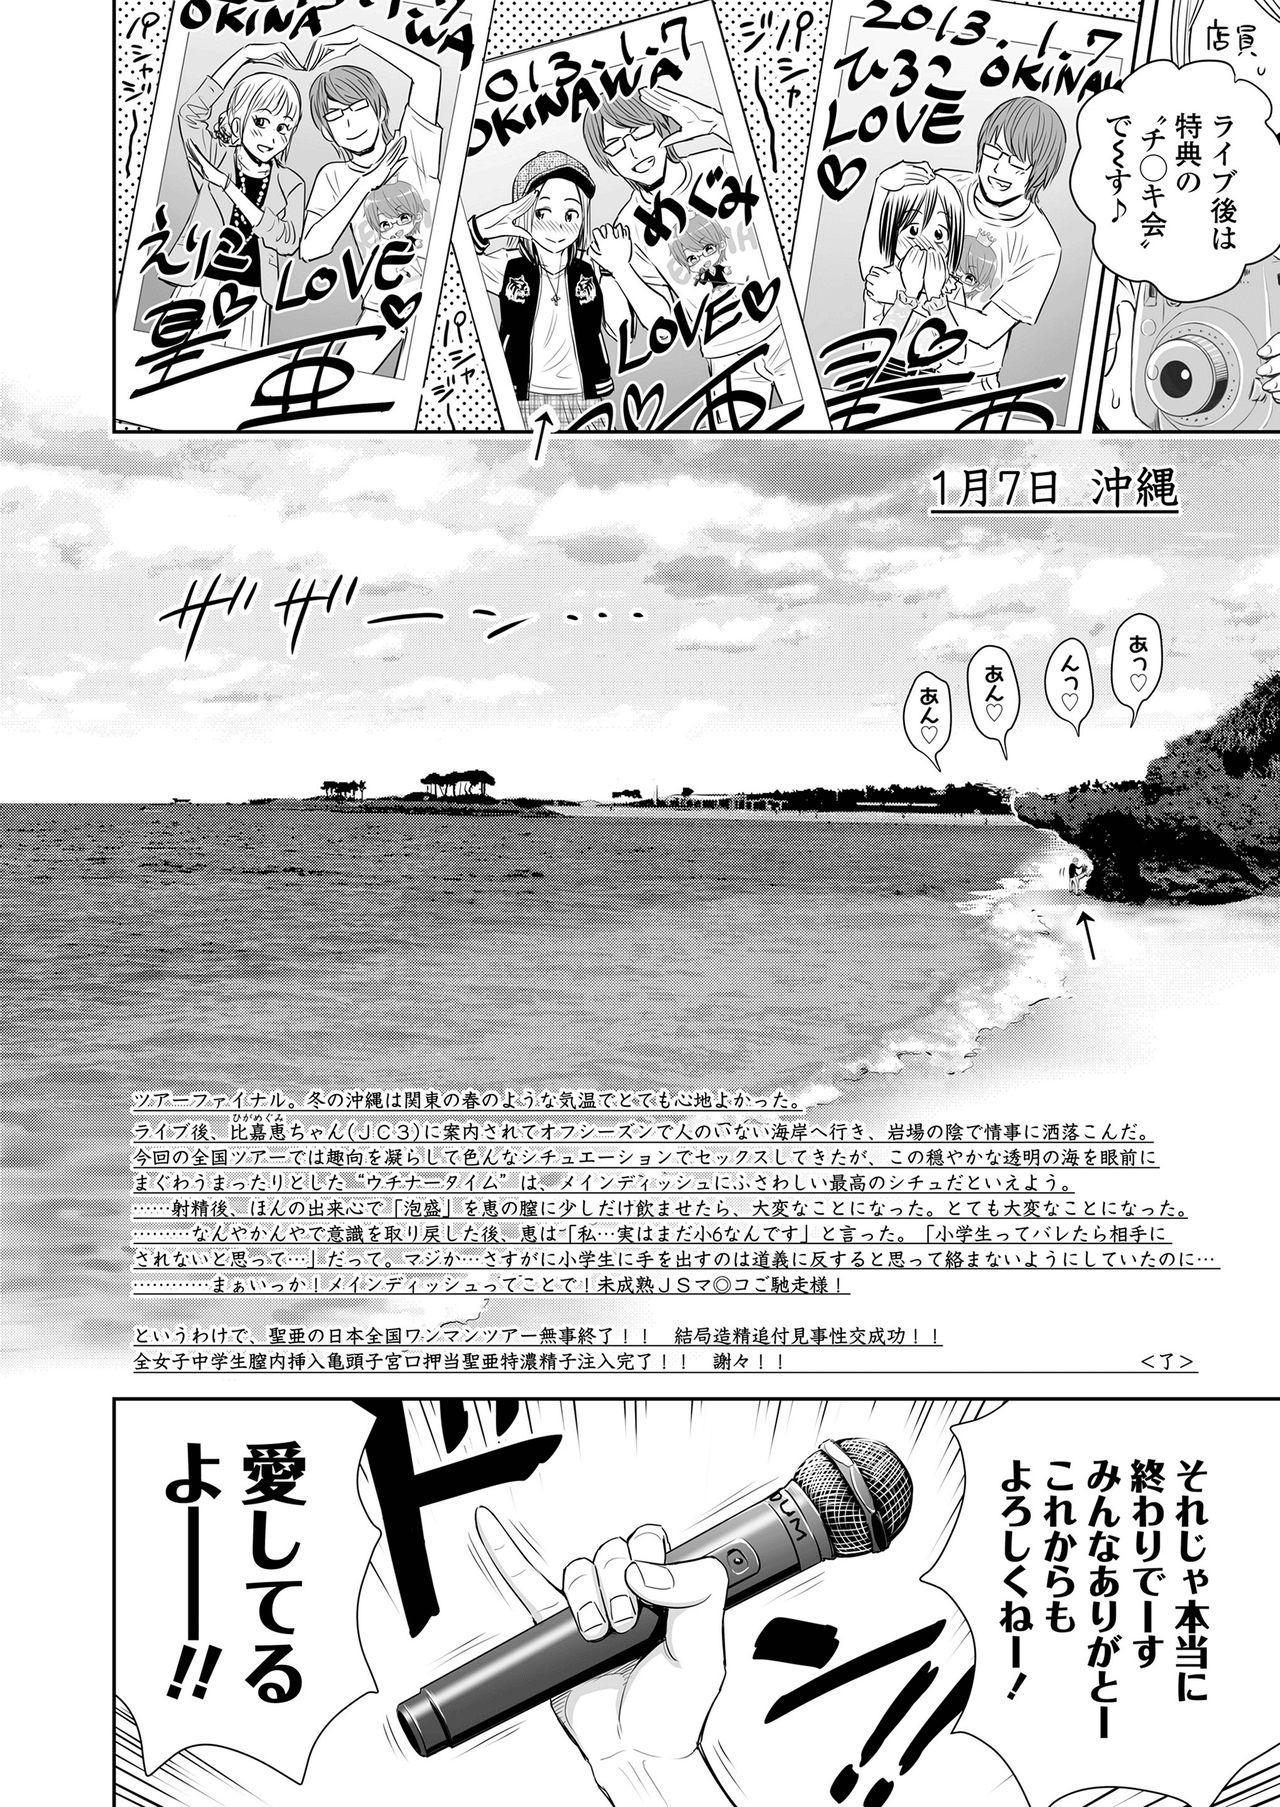 Utaite no Ballad Ch. 1-7 155